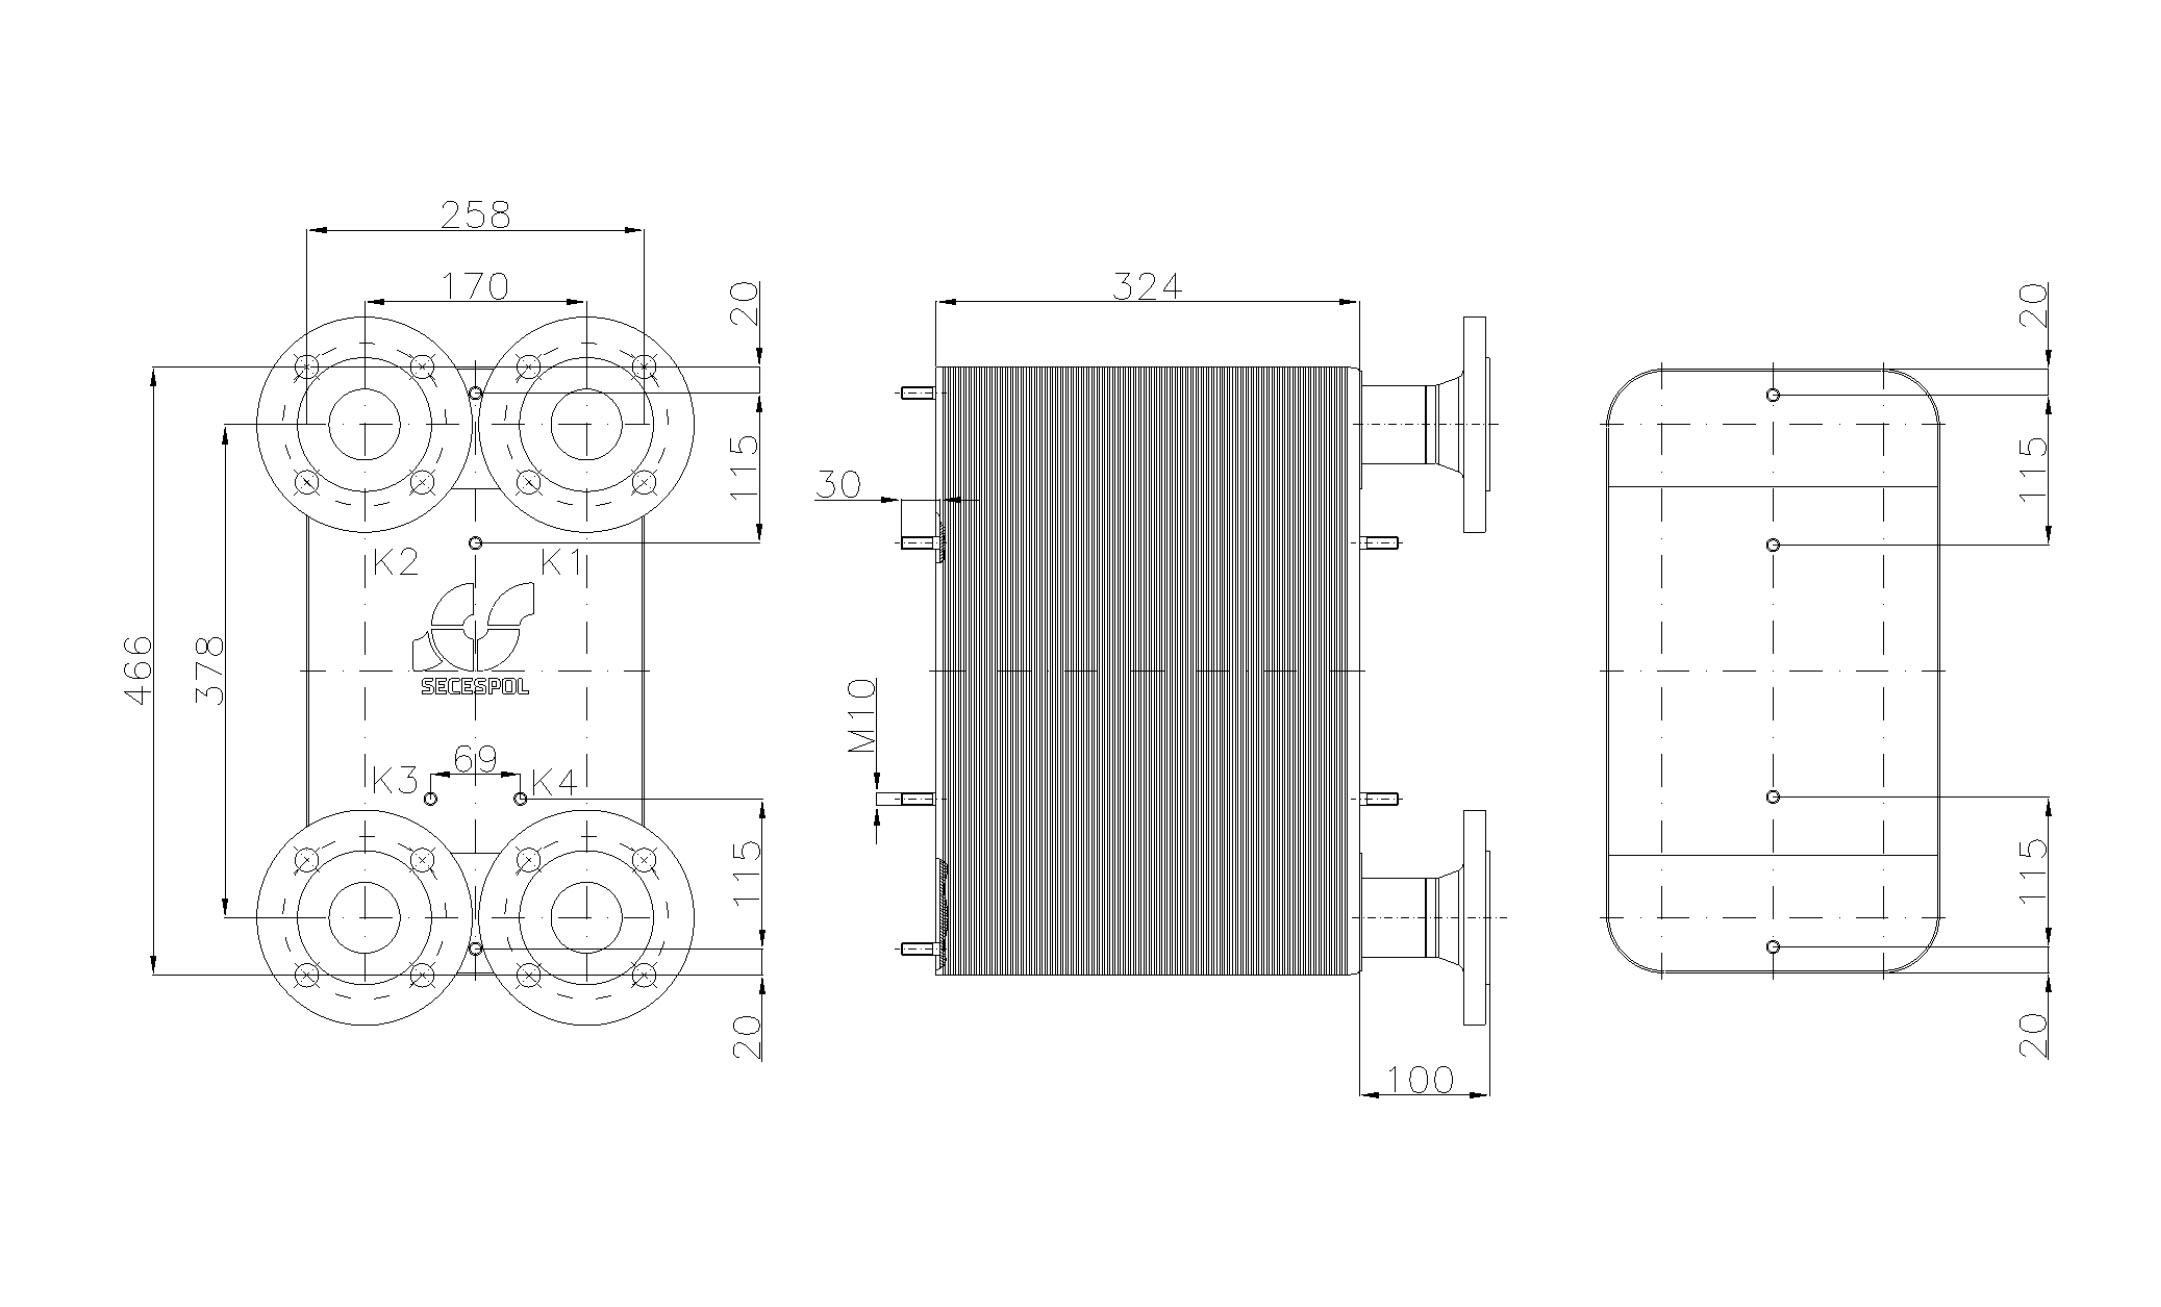 Габаритные размеры паяного пластинчатого теплообменника Secespol LC110SP-130-DN50.SS